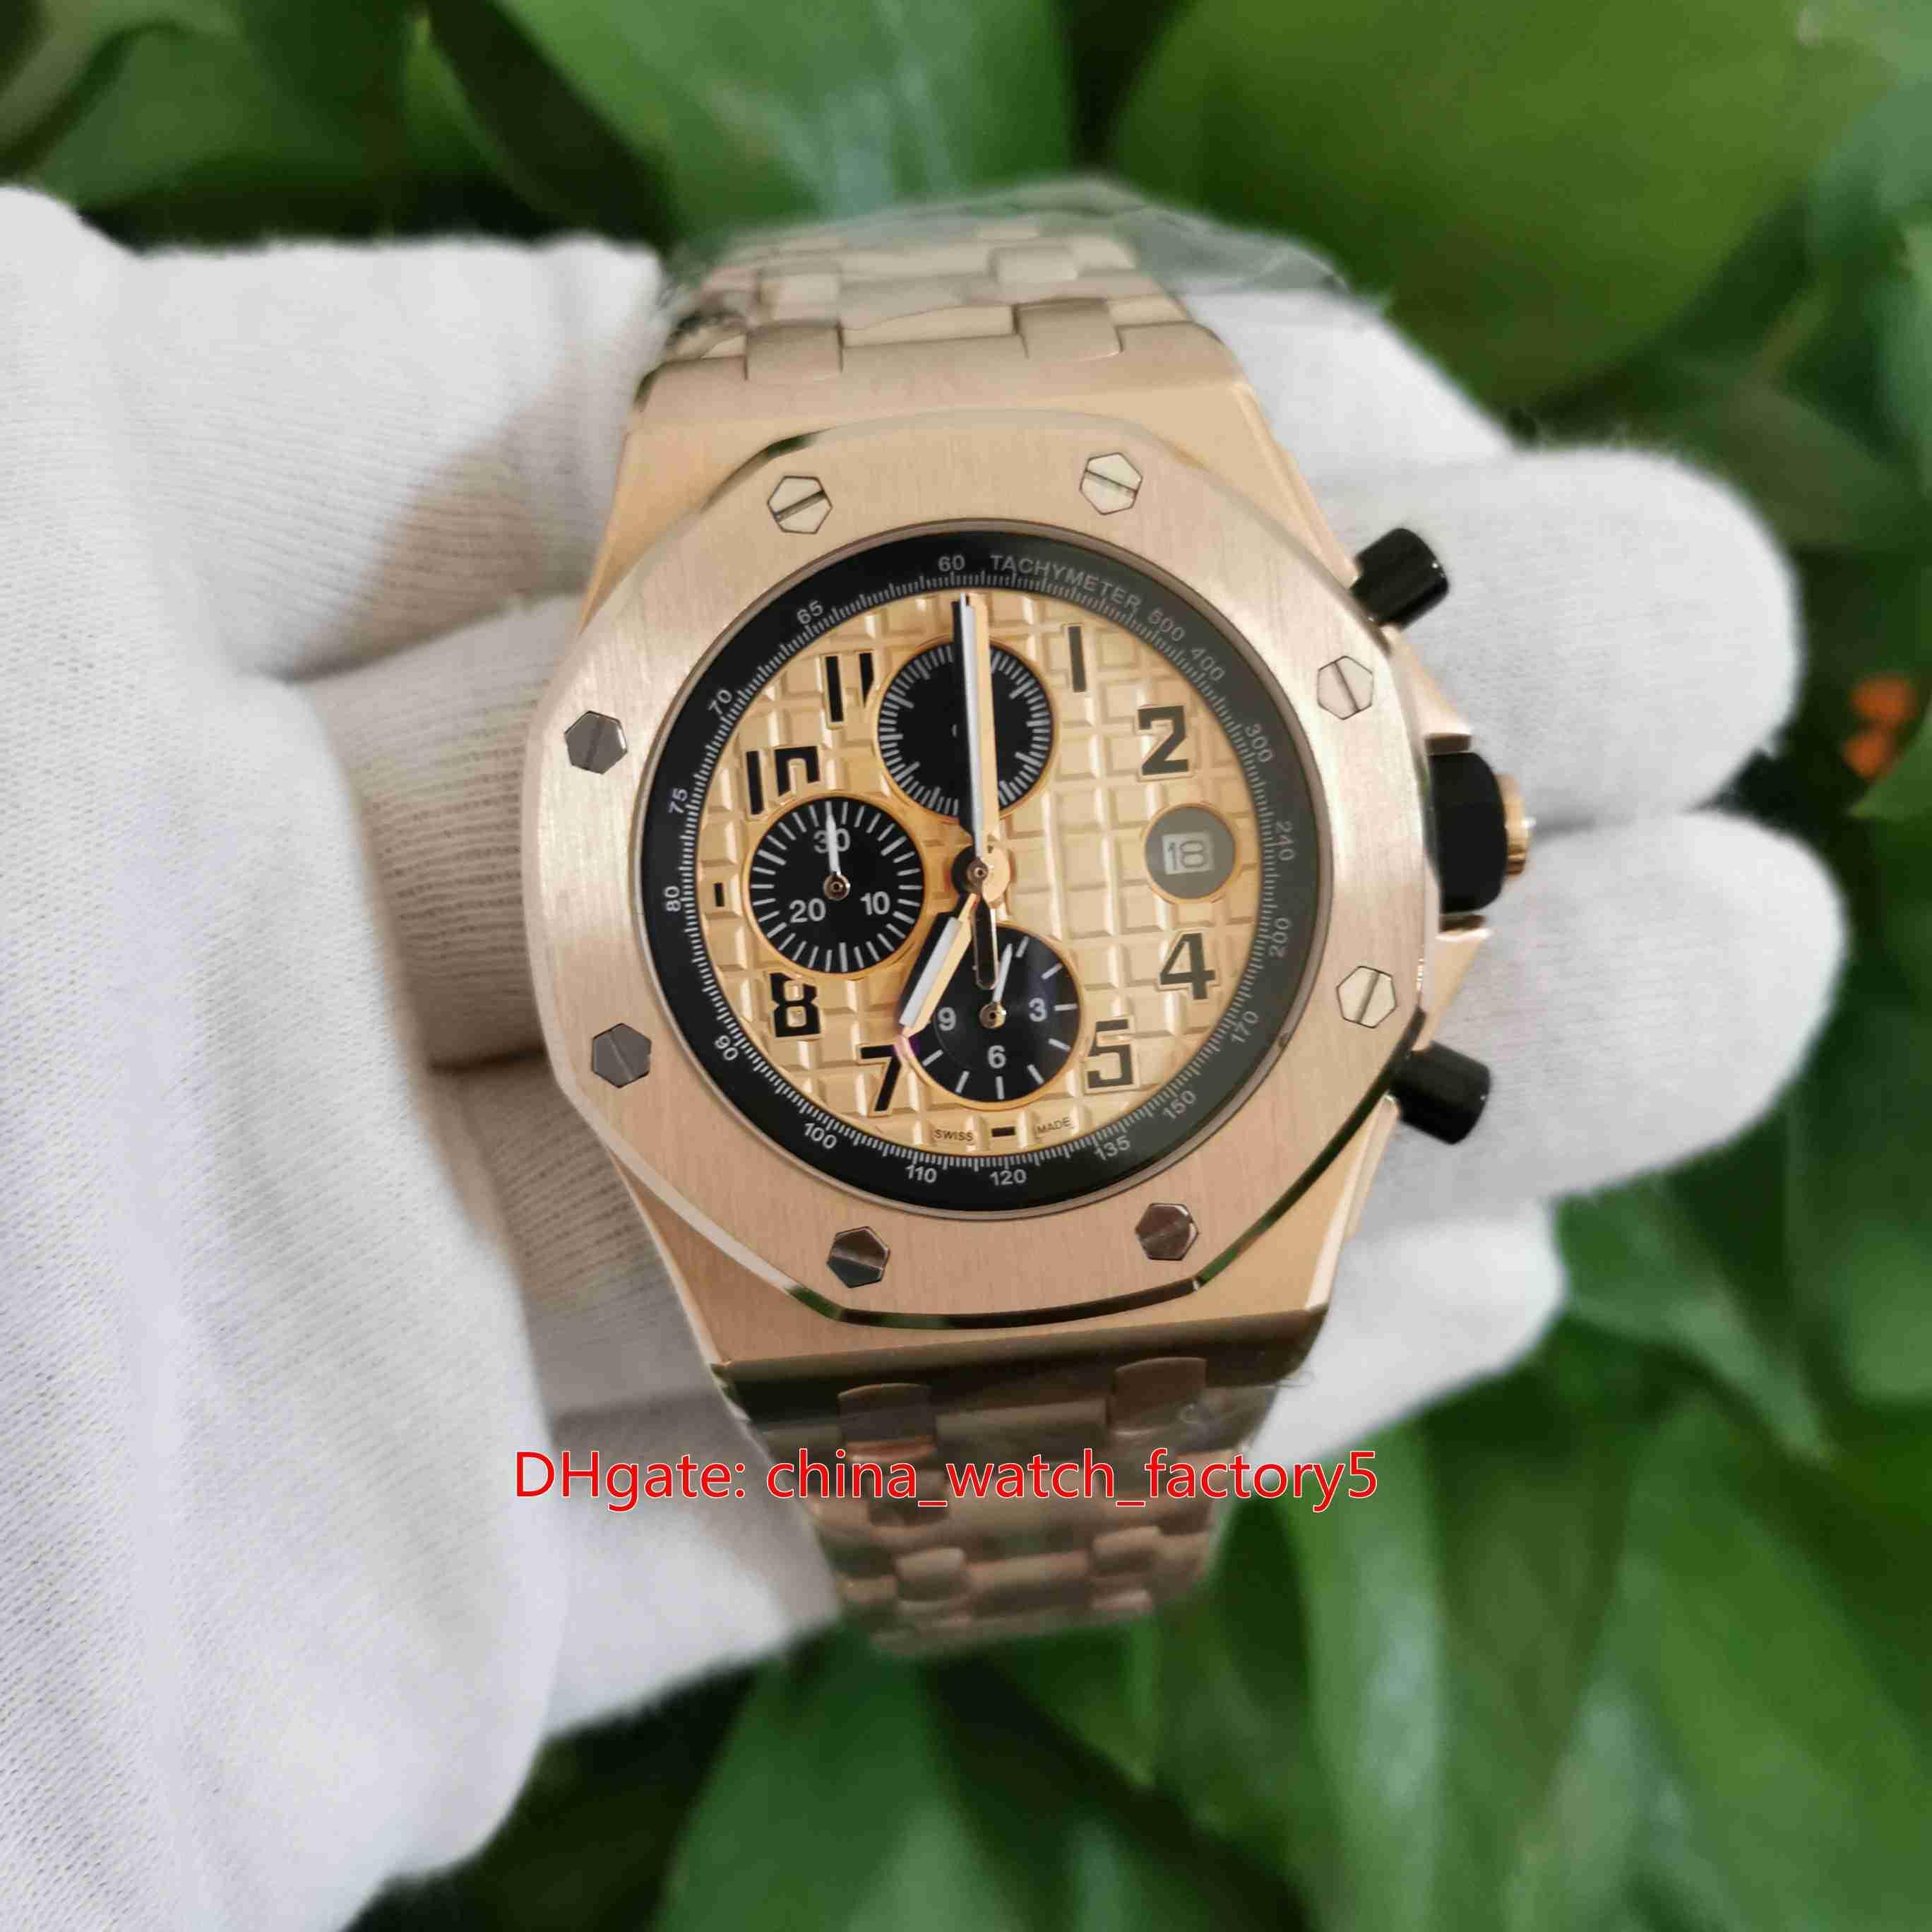 Artículos calientes de calidad superior del reloj 42mm Royal Oak Offshore 26470 26470OR.OO.1000OR.01 18k de oro rosa VK cronógrafo de cuarzo Workin para hombre Relojes